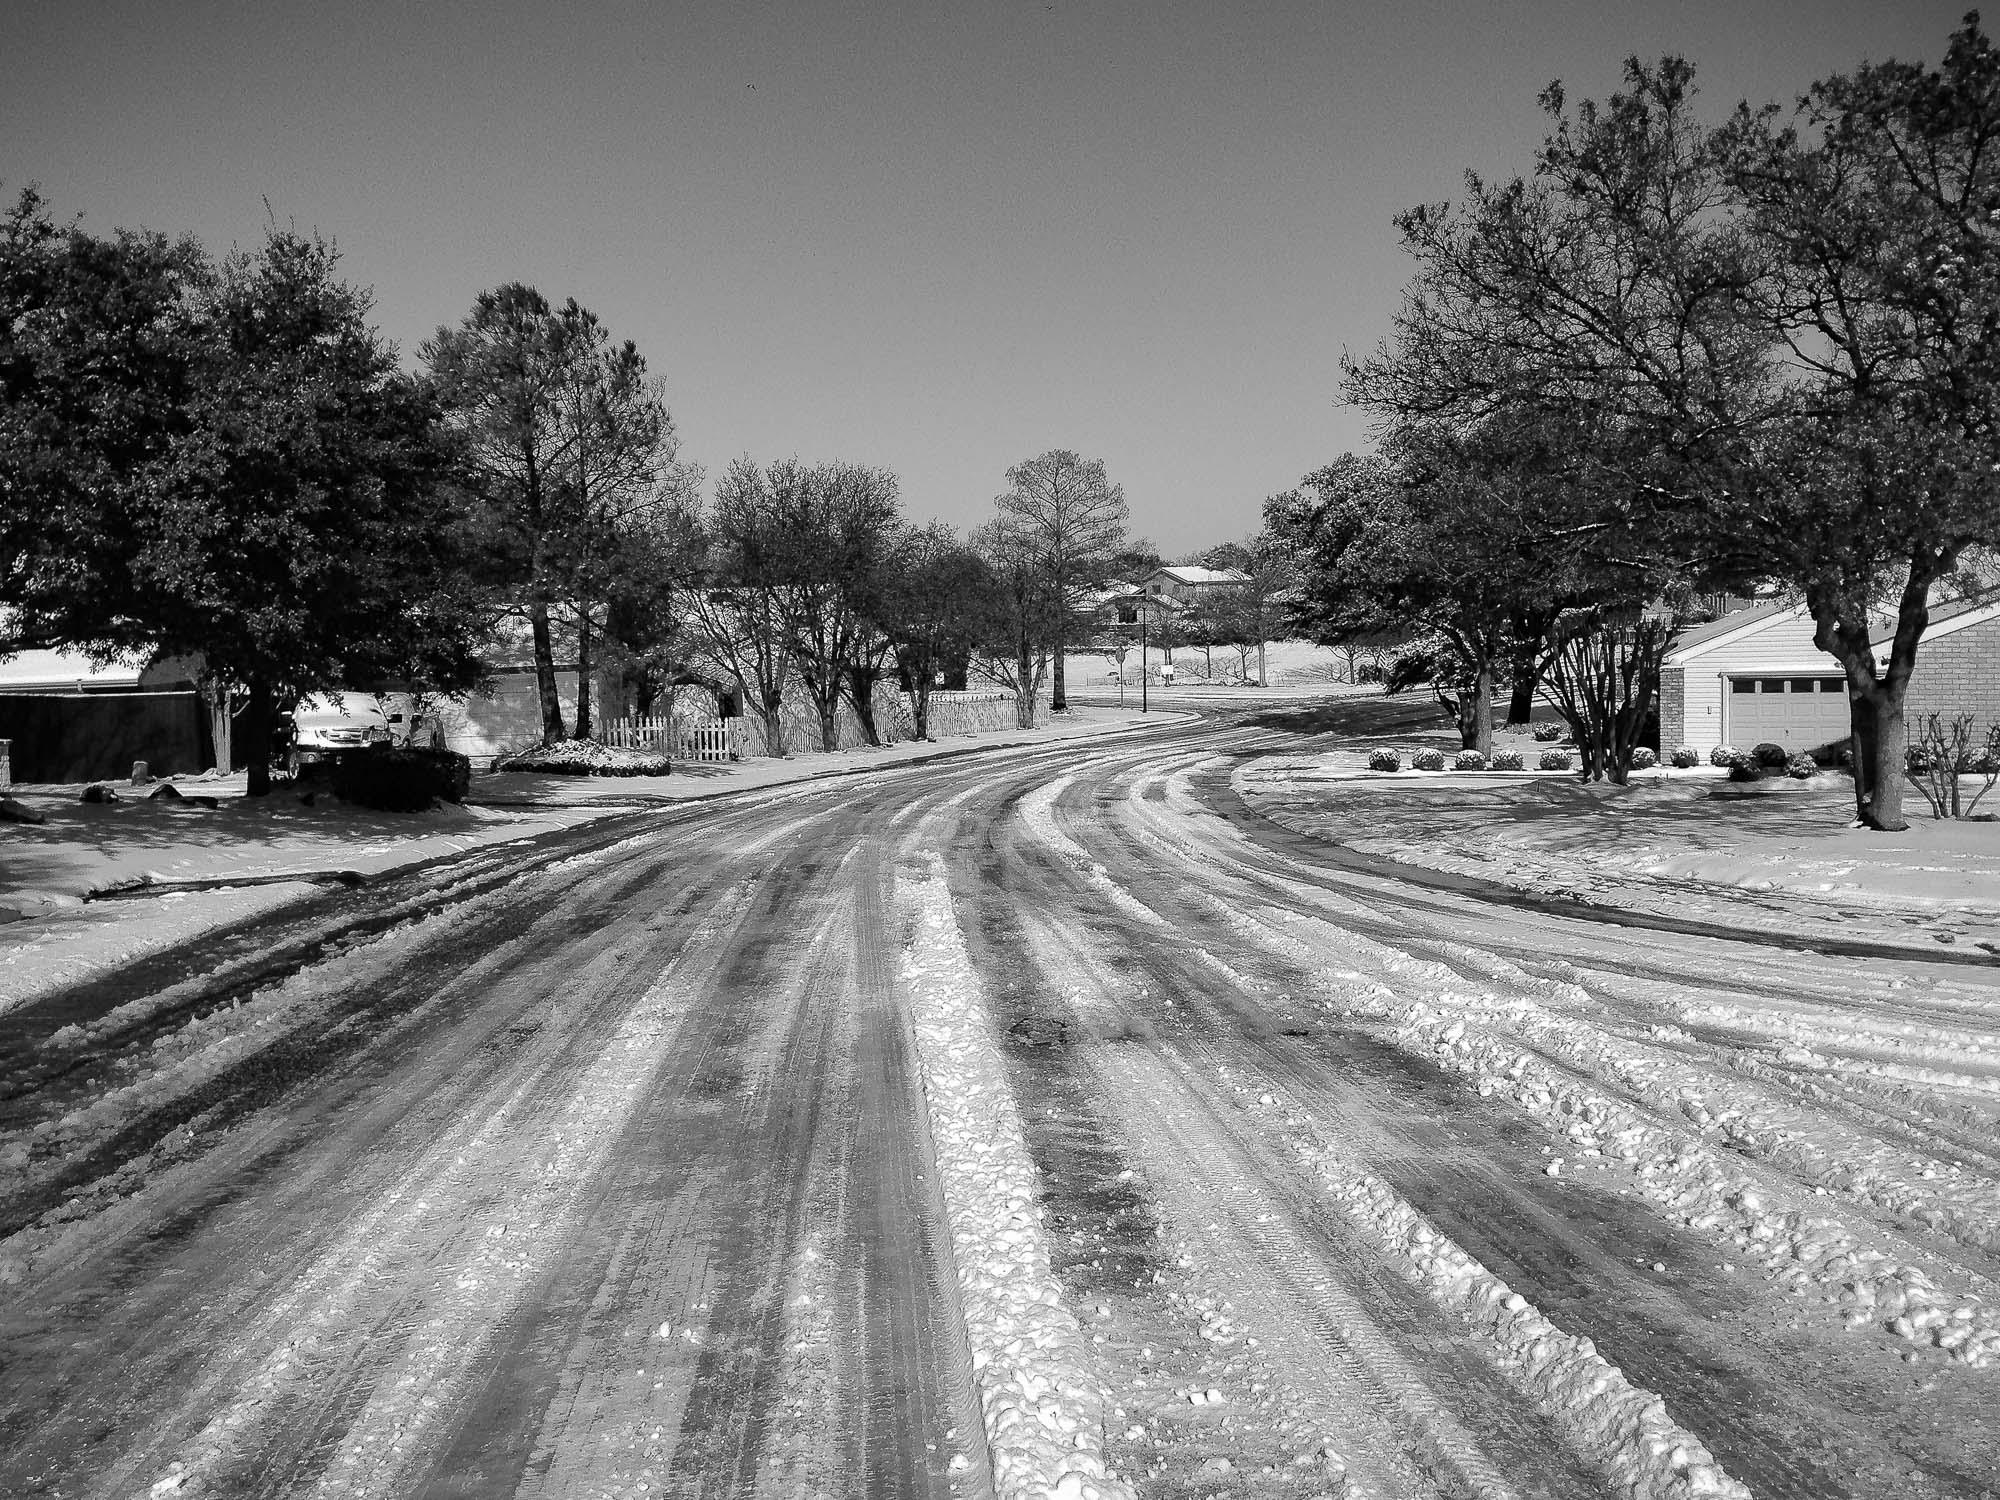 Snowy Dallas